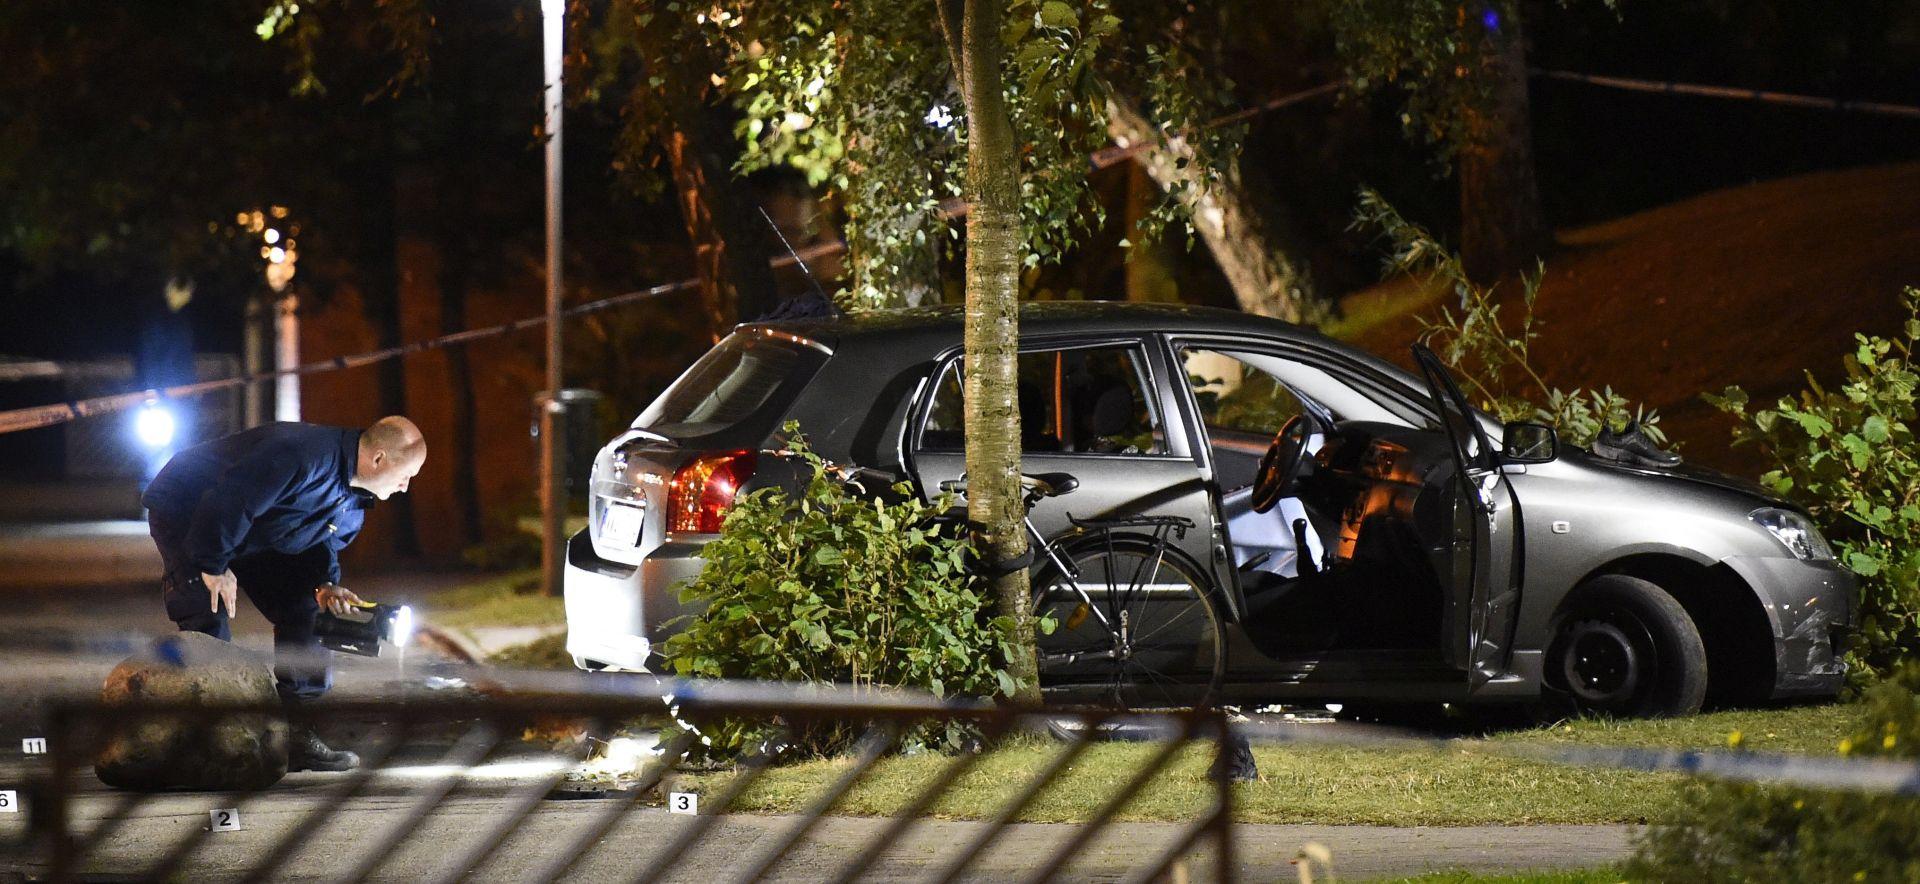 Švedska: Četvorica ranjena u pucnjavi u Malmeu